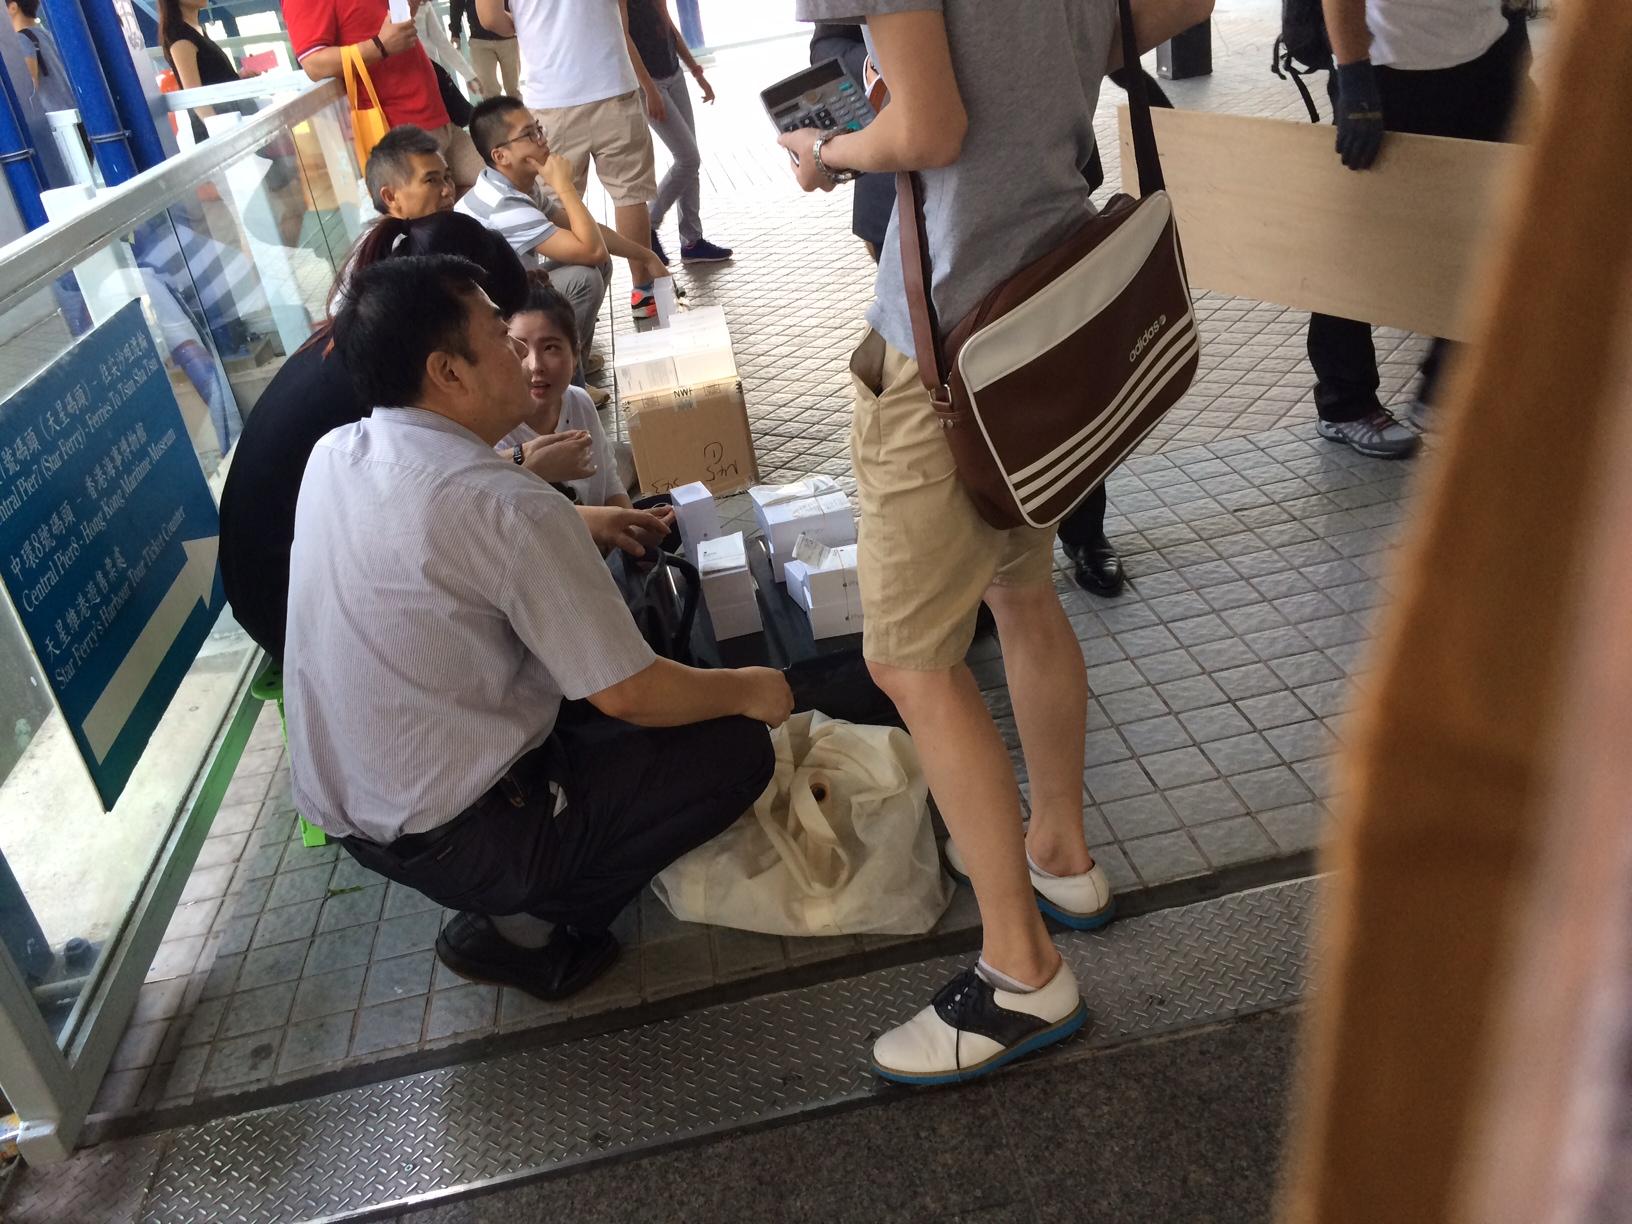 Image courtesy Leung Kwok in Hong Kong